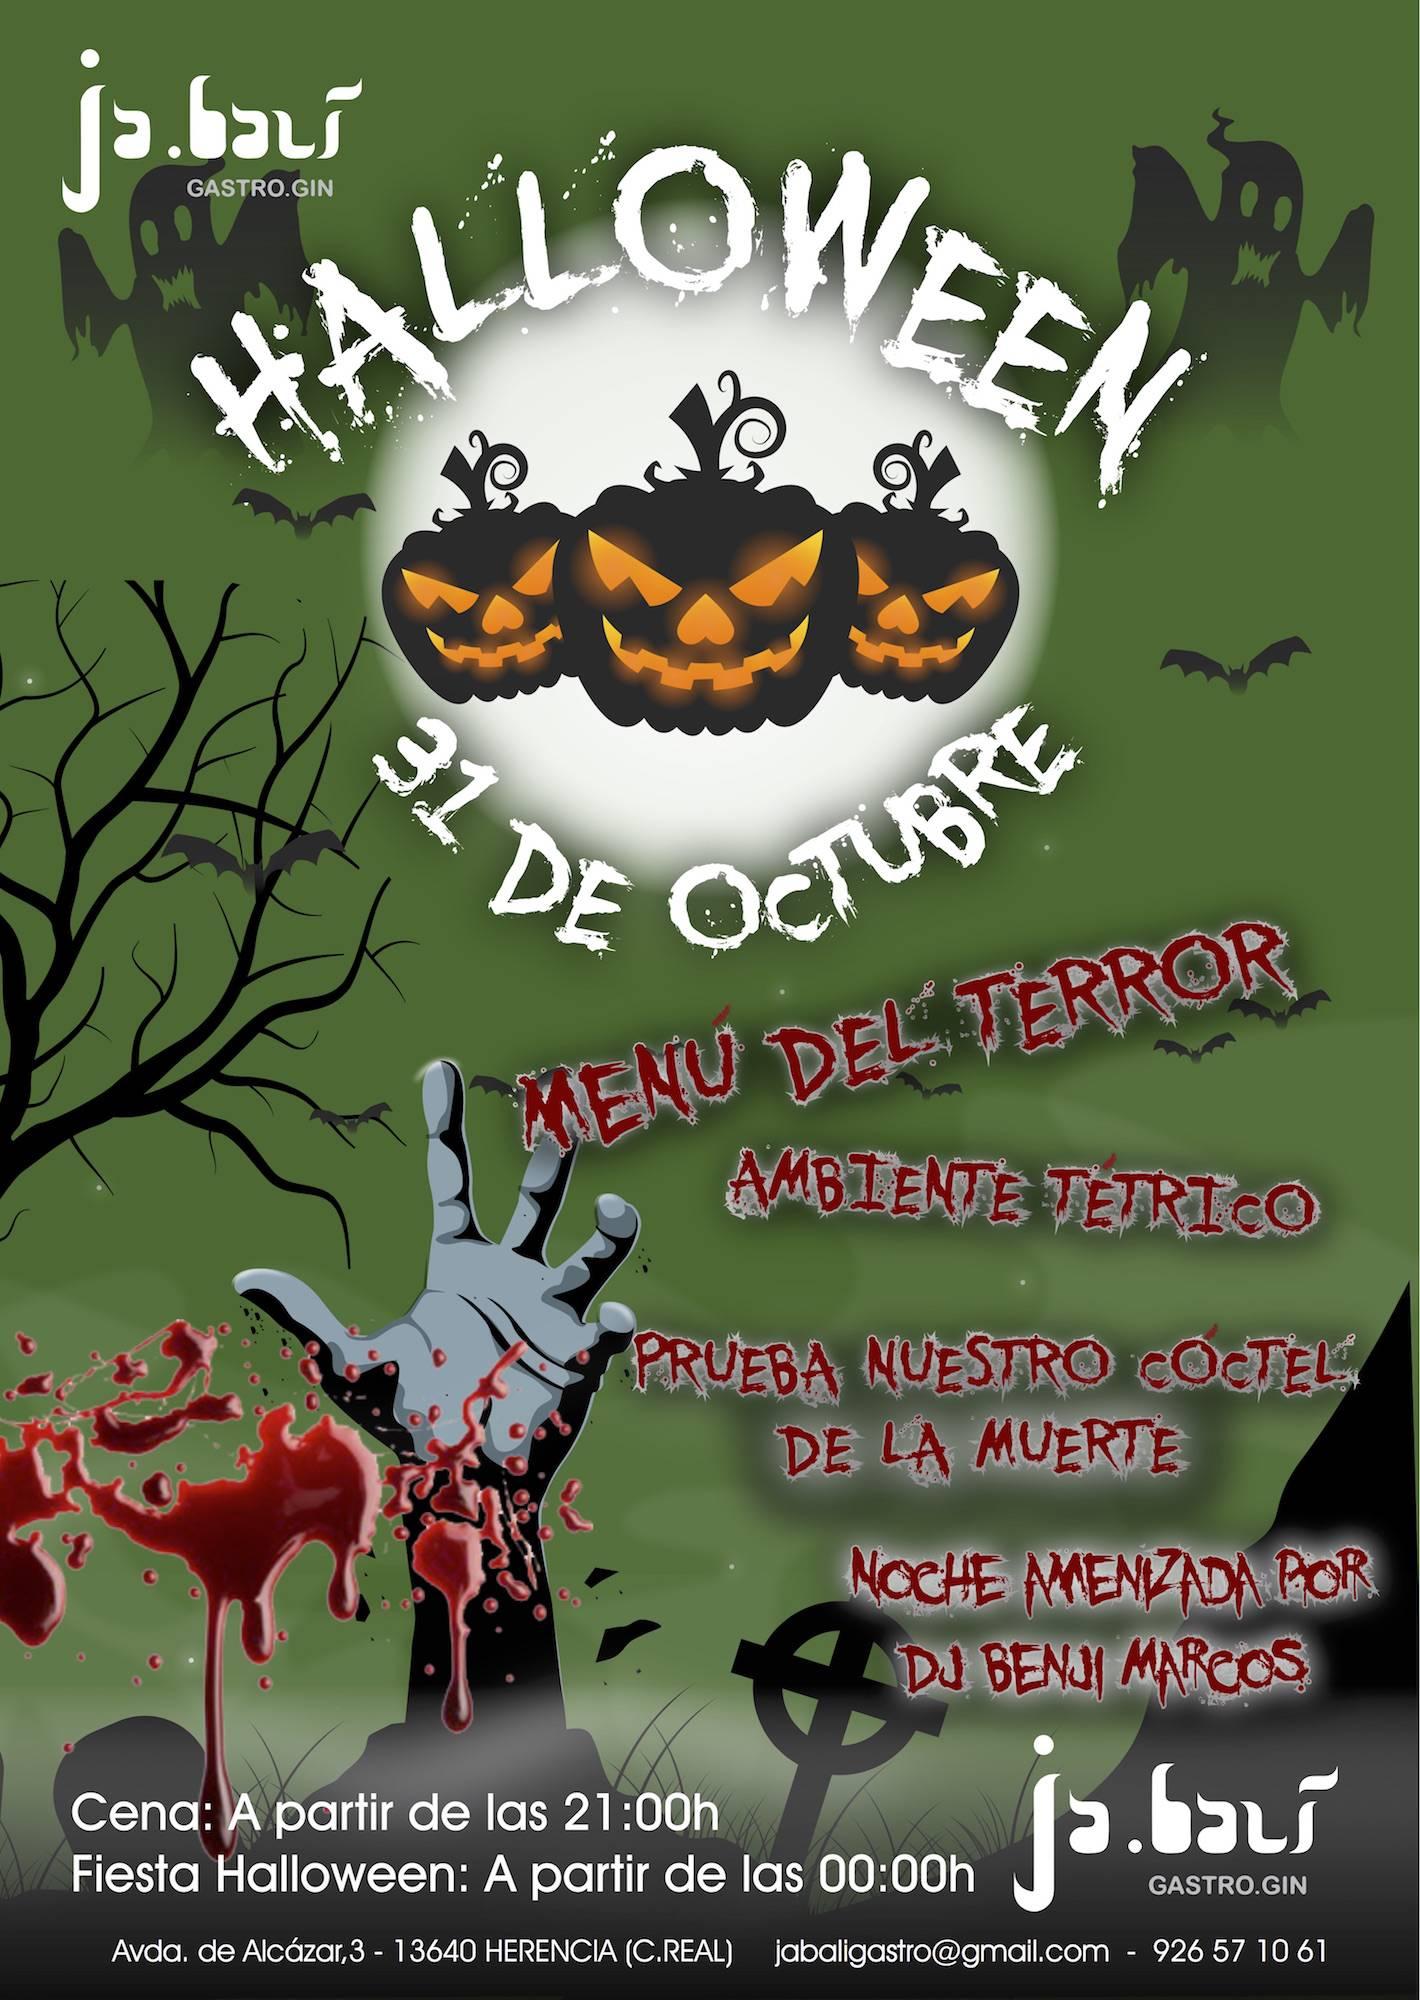 noche de halloween en jabali gastro - Noche de Halloween en Jabalí Gastro el día 31 octubre